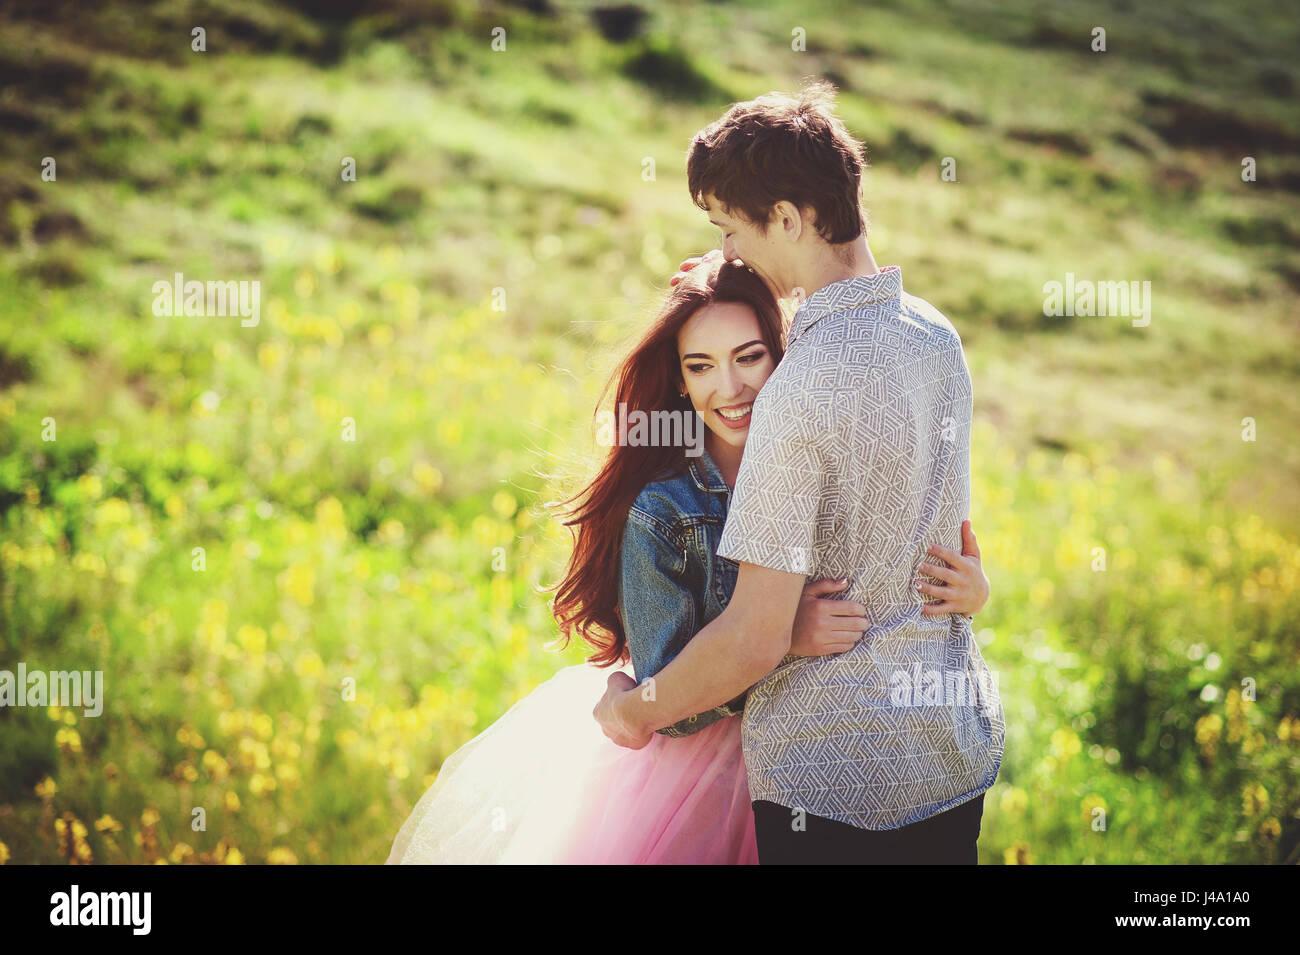 Smiling couple dans l'amour à l'extérieur. Heureux concept de vie. Histoire d'amour Photo Stock